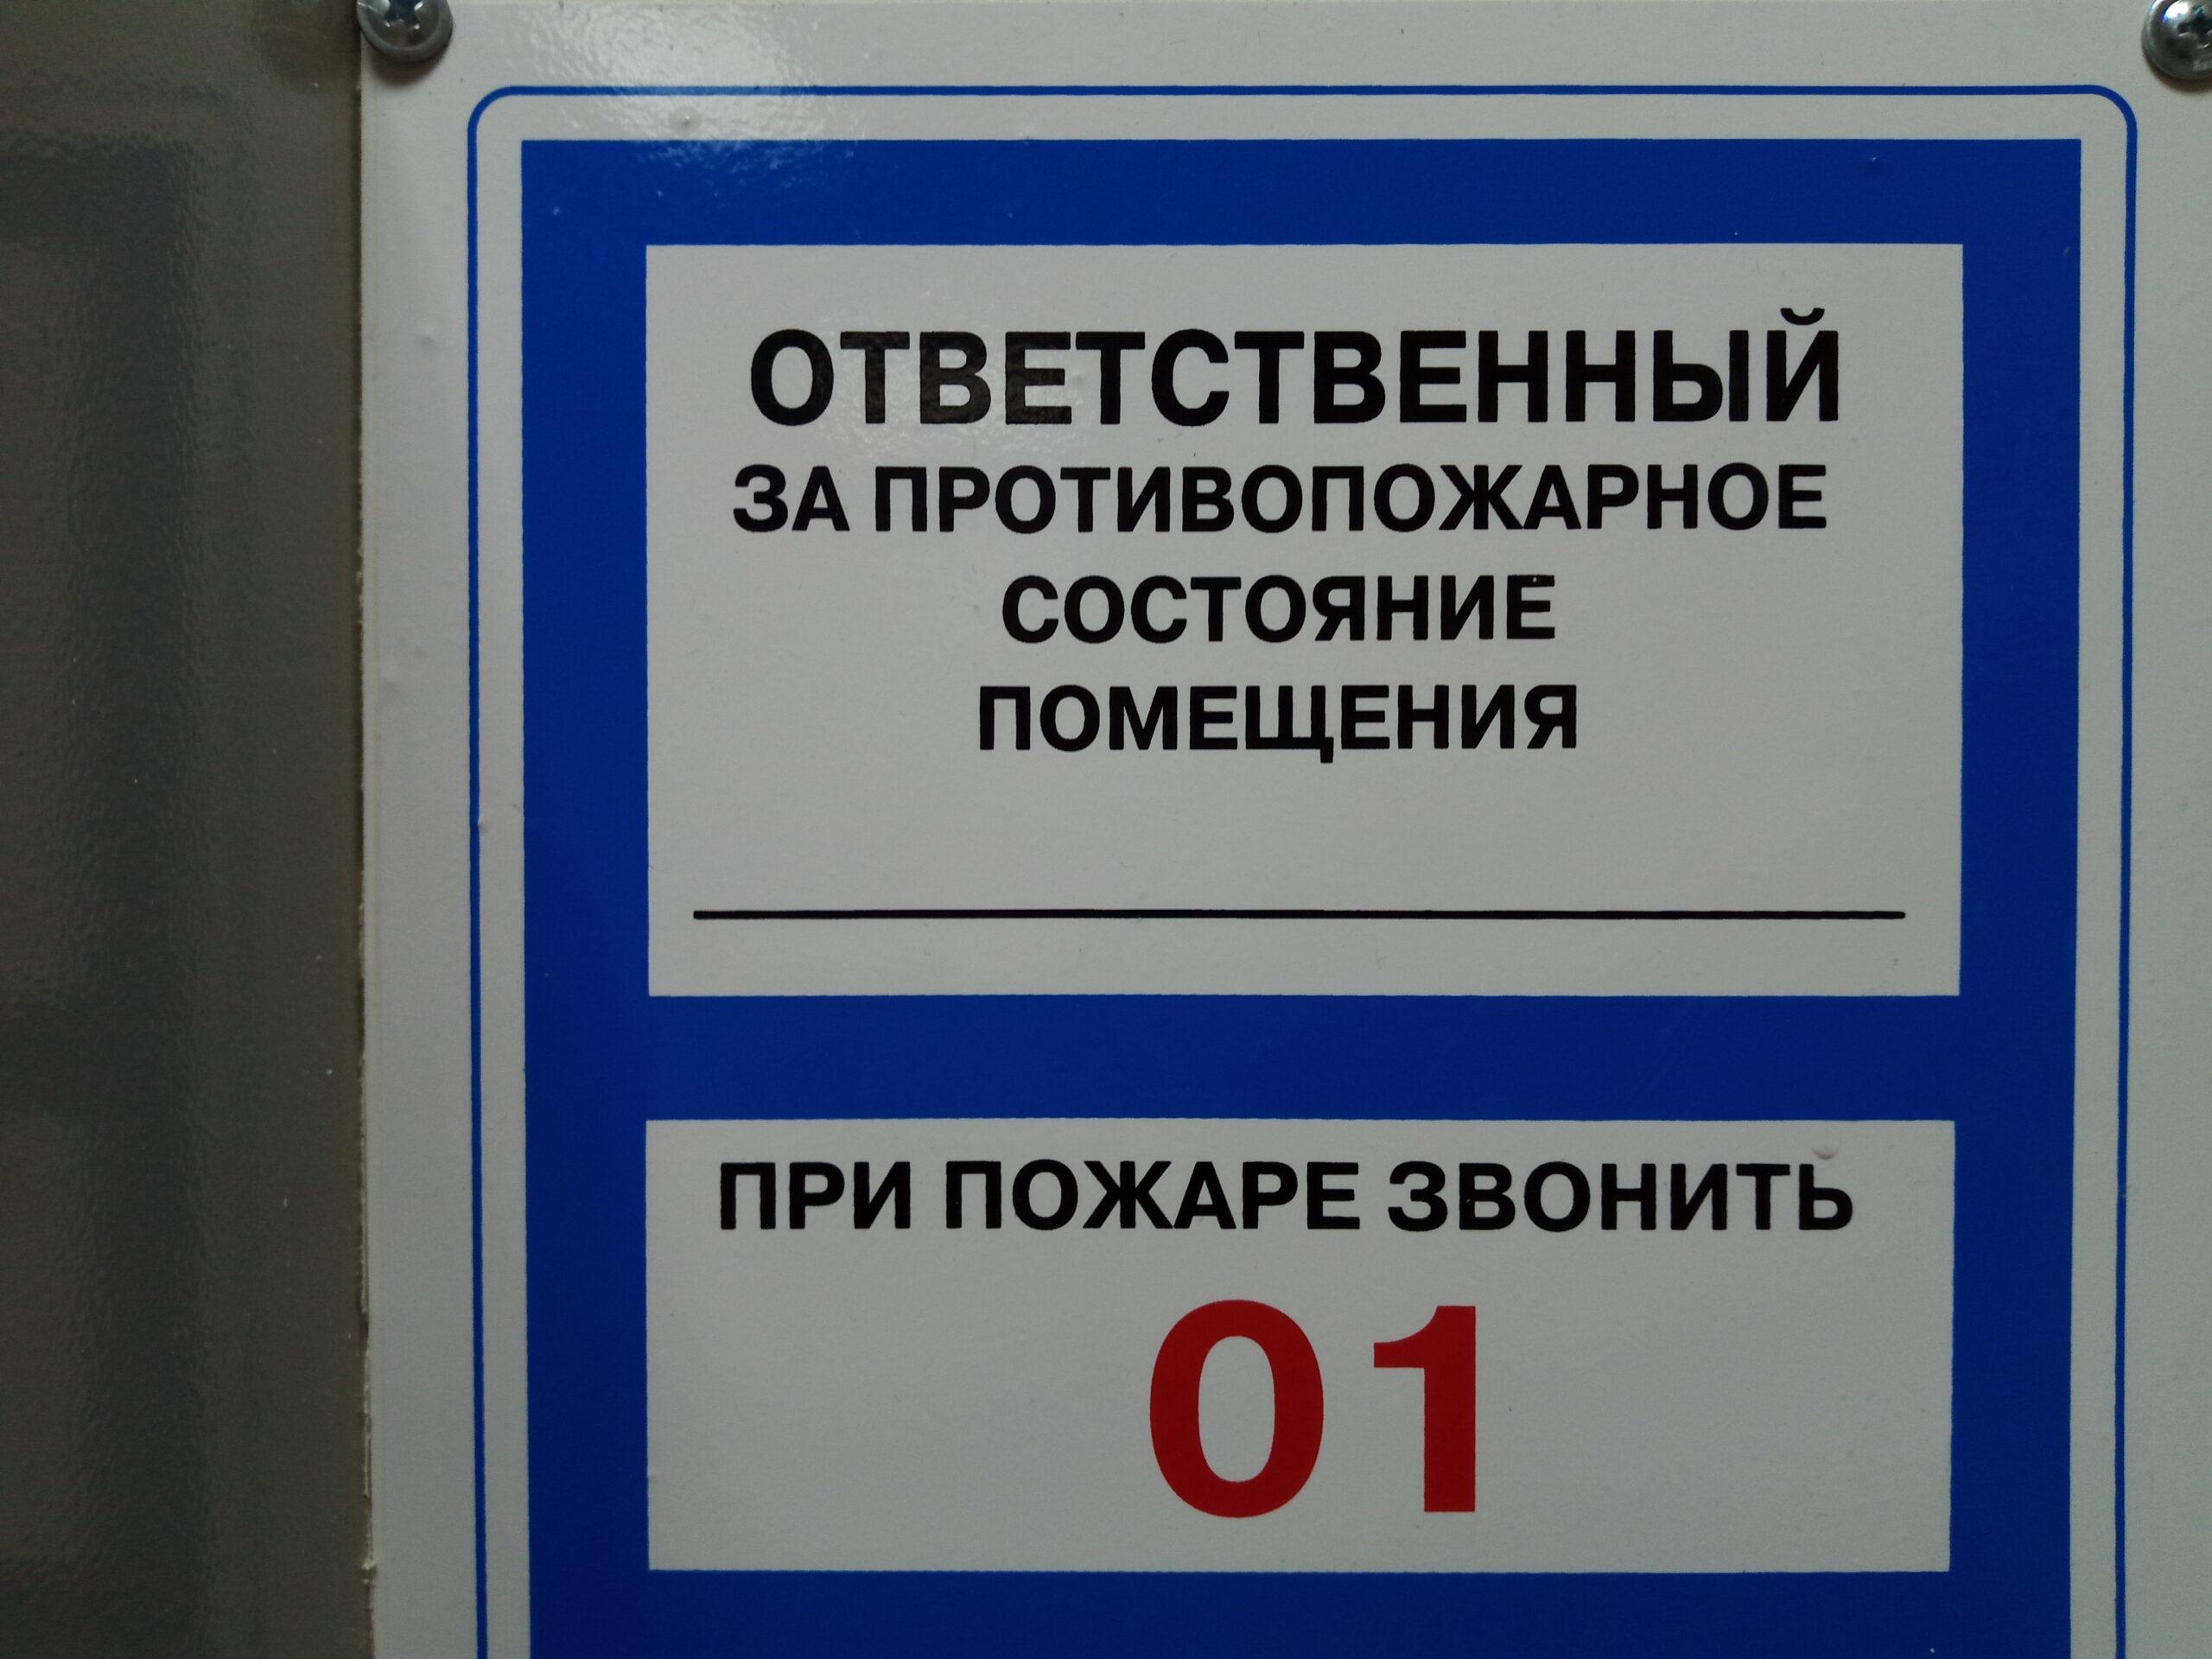 После утверждения инструкции на ответственное лицо, соответствующая информация указывается в табличках на помещениях.